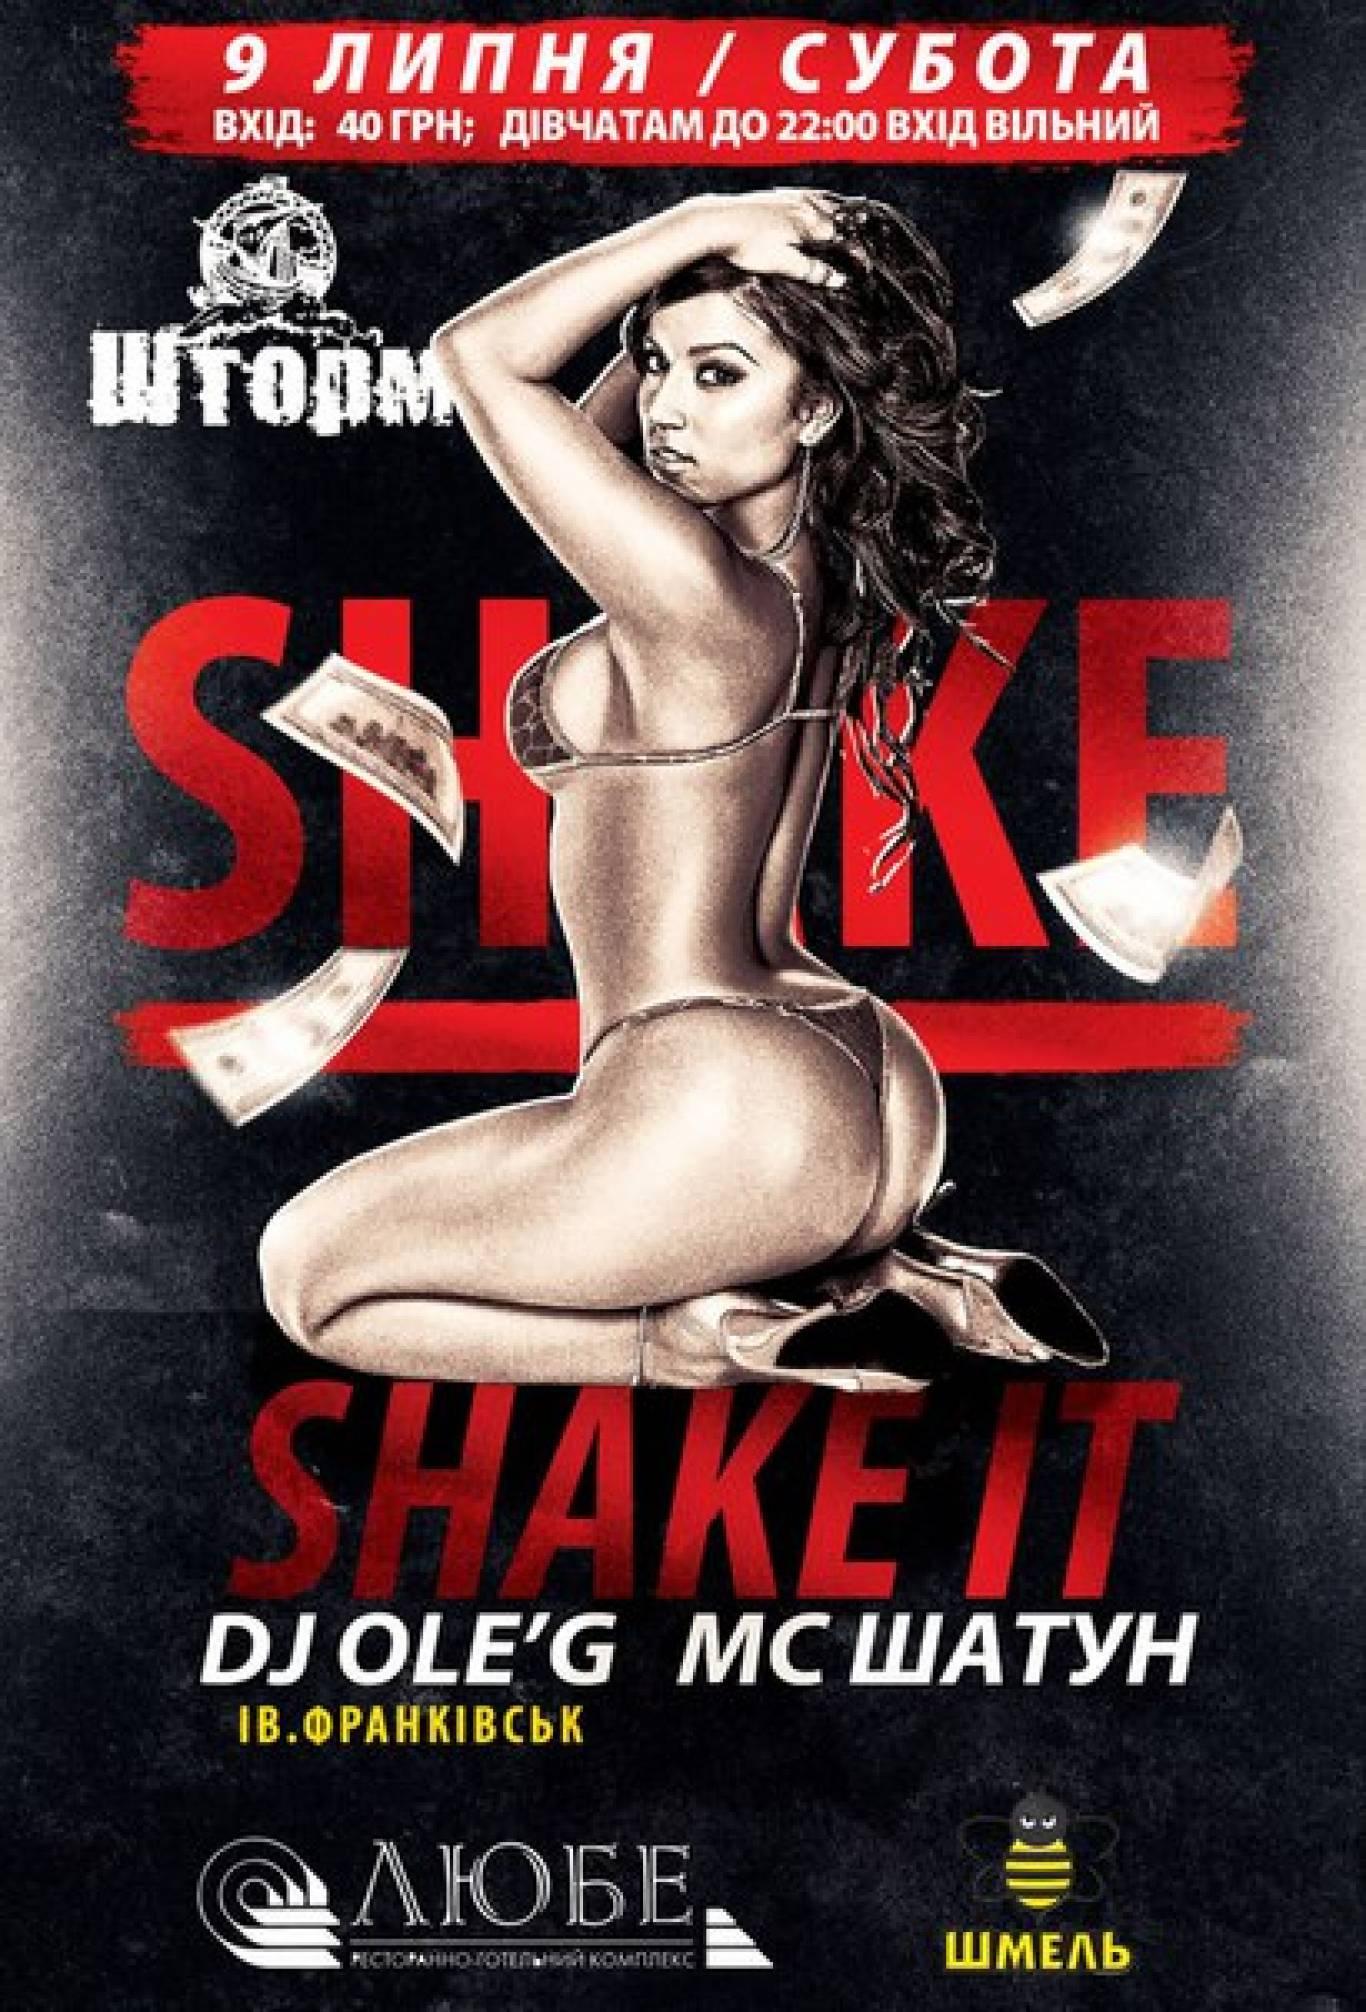 Вечірка shake it нк Шторм